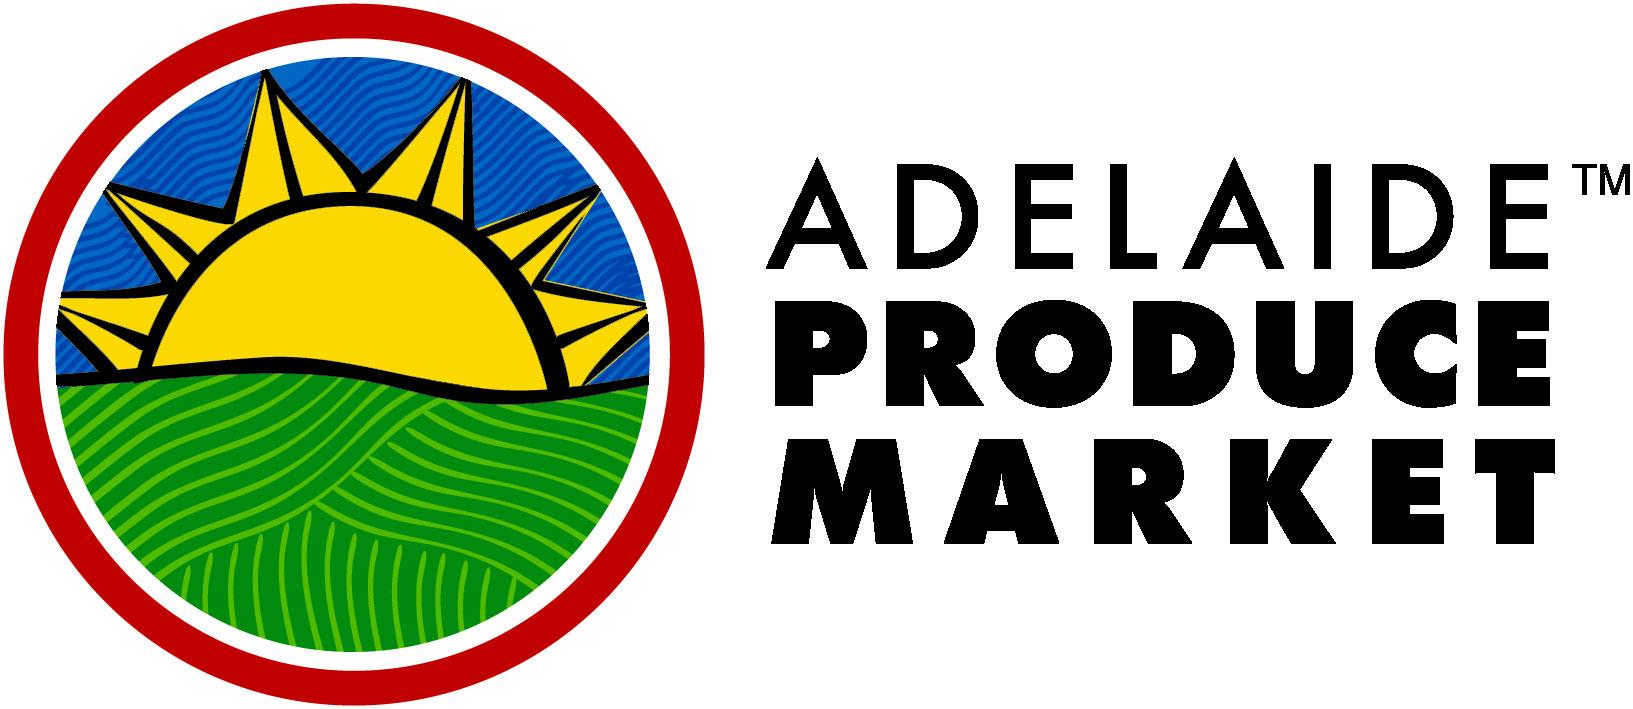 Adelaide Produce Market logo